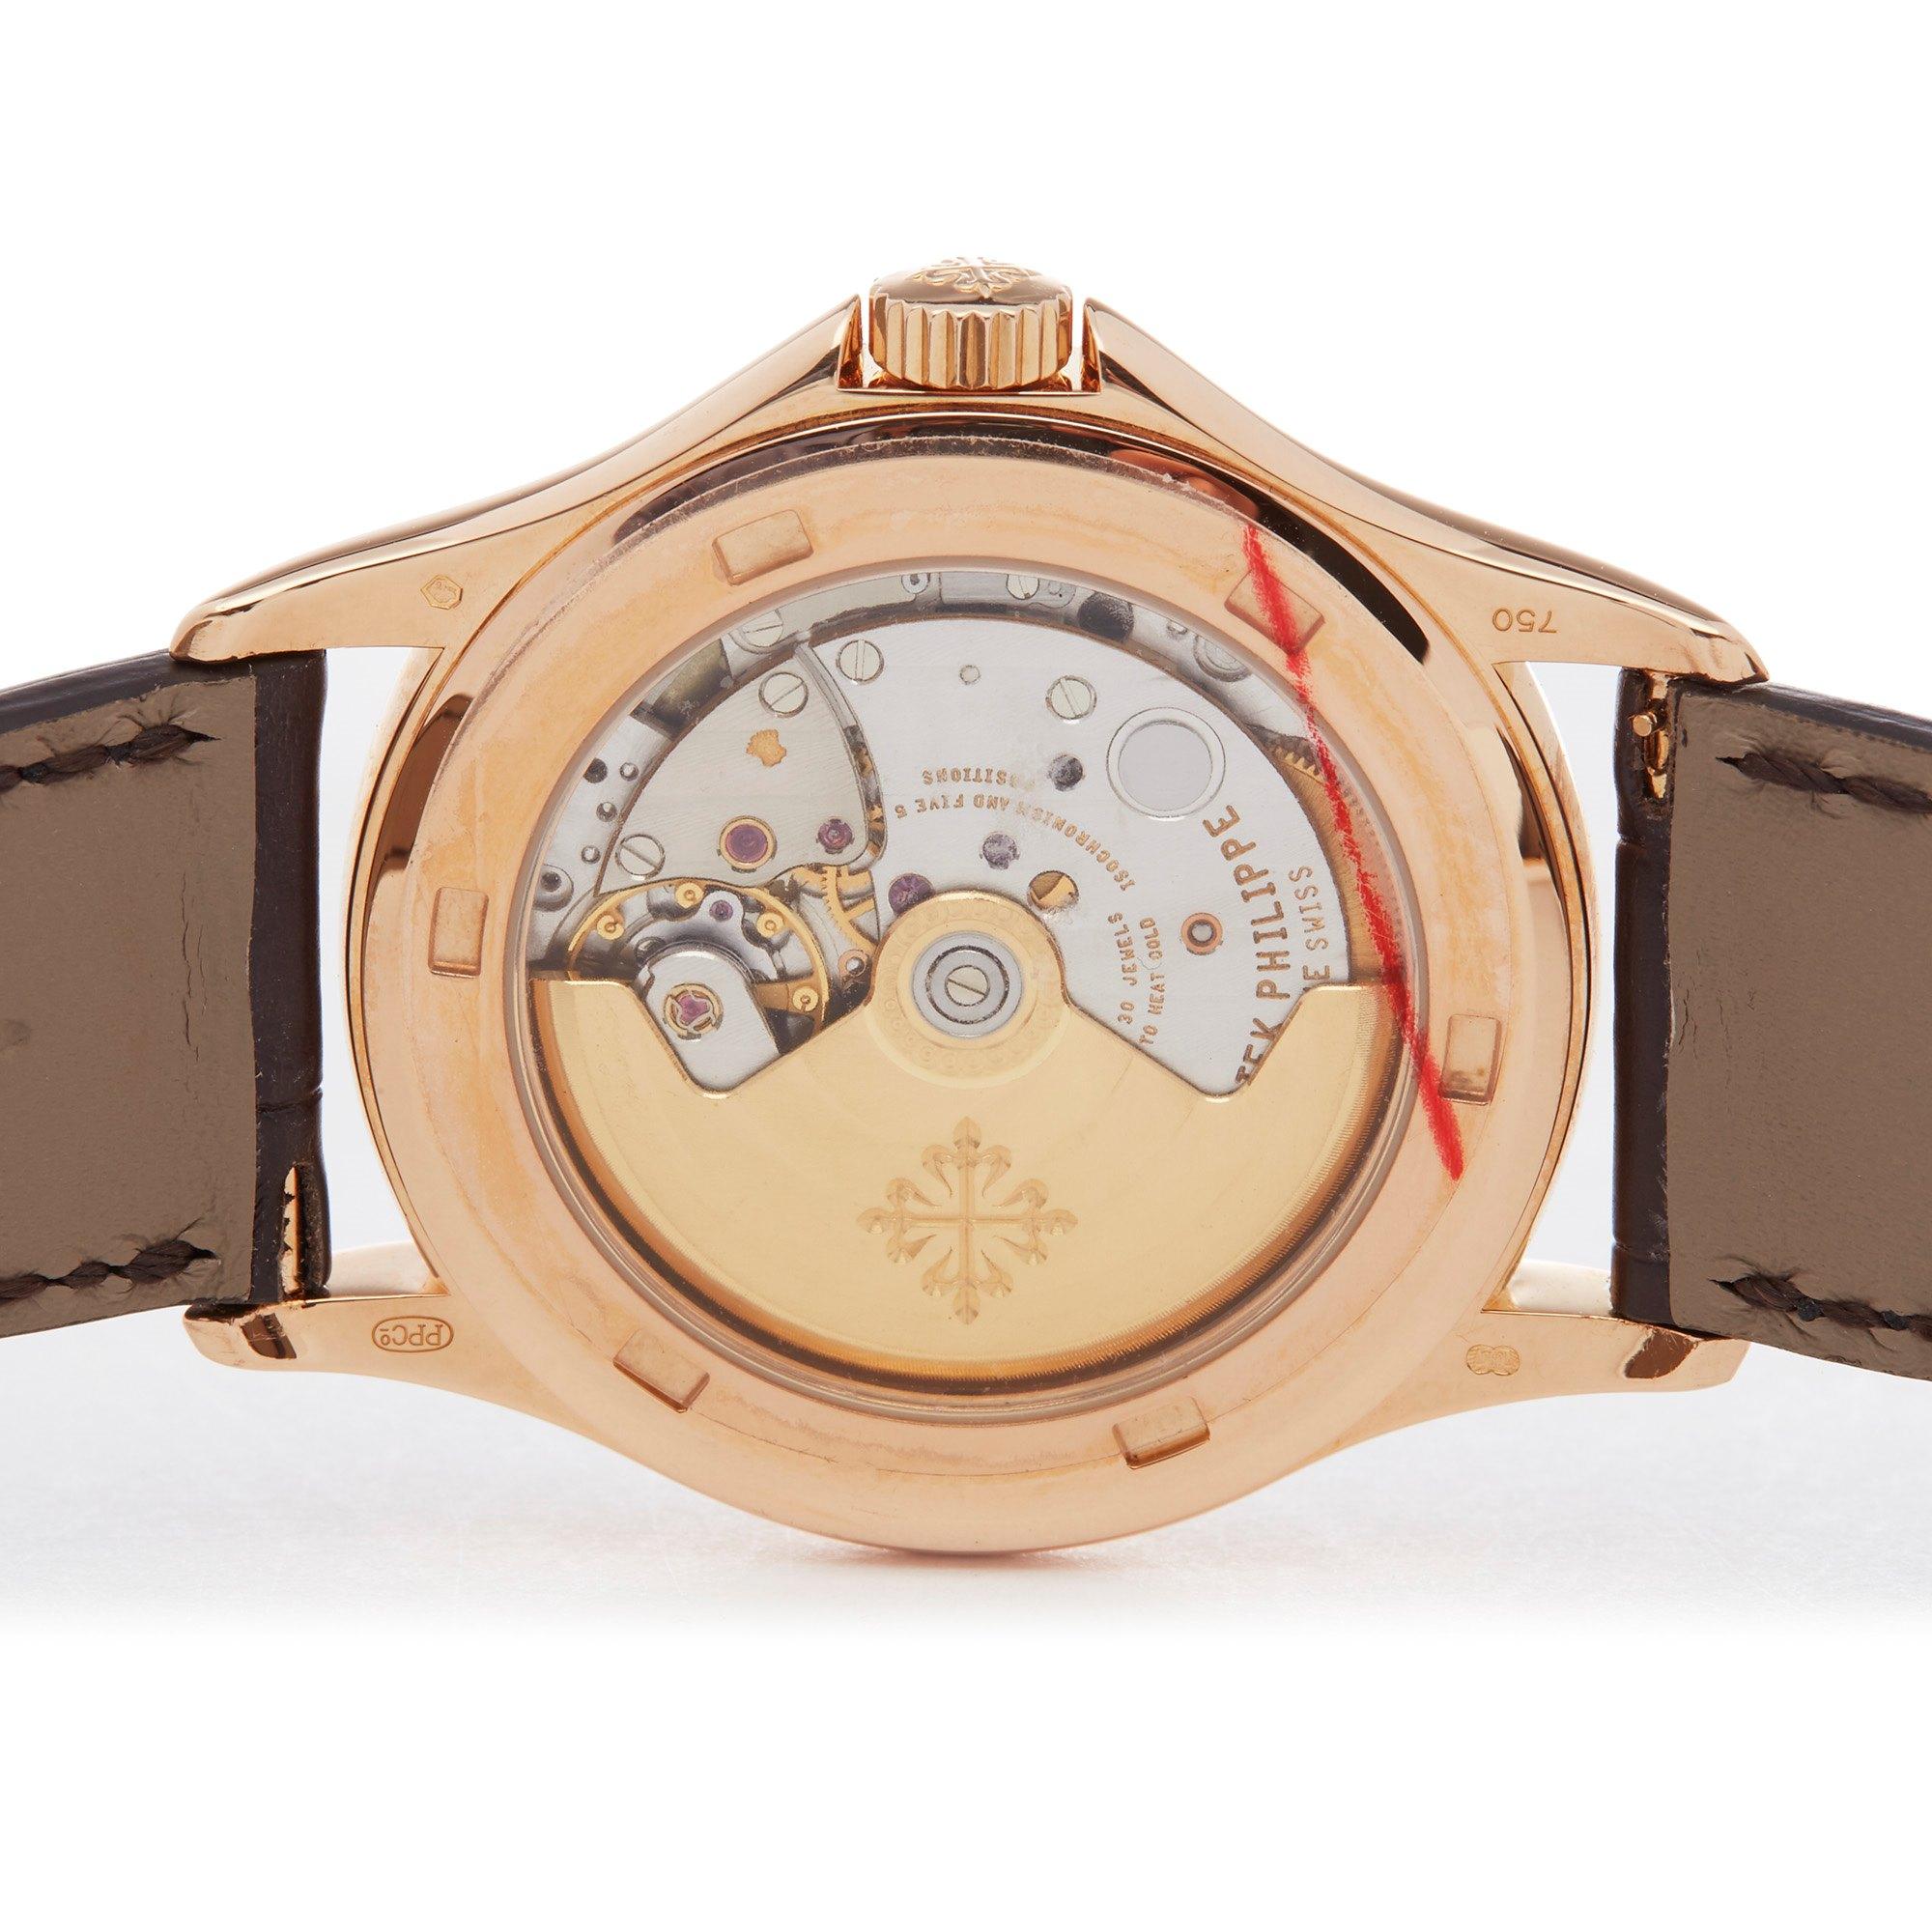 Patek Philippe Calatrava Rose Gold 5117R-001